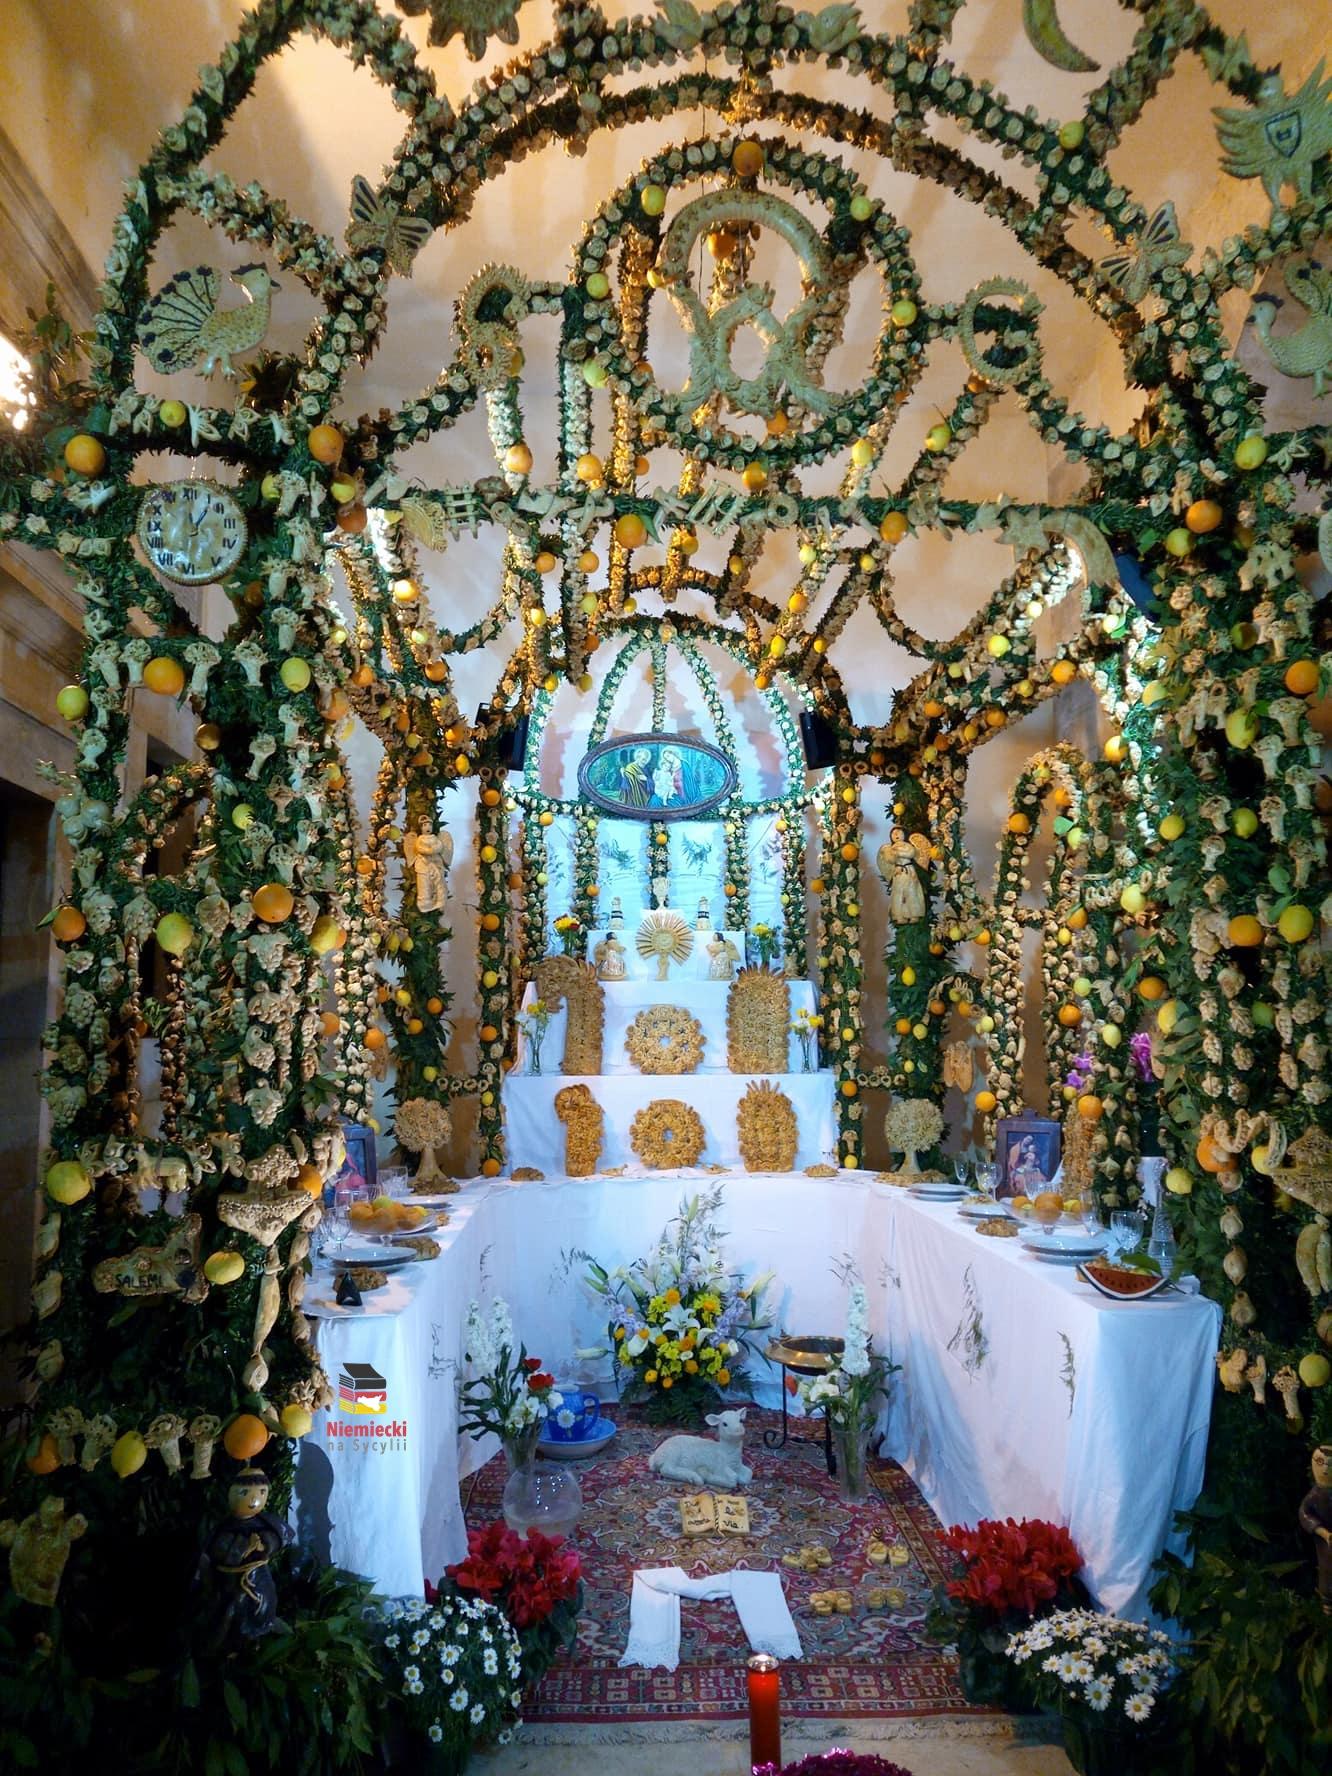 Salemi, San Giuseppe, San Giuseppe w Salemi, święty Józef, św. Józef, sycylia, tradycje, sycylijskie tradycje, cene di san giuseppe, ołtarze w salemi, ołtarze, sycylijskie święta, święta na sycylii, tradycje sycylia, tradycje na sycylii, święta sycylia, sagra sycylia, sagra sicilia, zachodnia sycylia, chlebowe dekoracje, dekoracje z chleba, chleb sycylia, sycylijski chleb, chleb na sycylii,